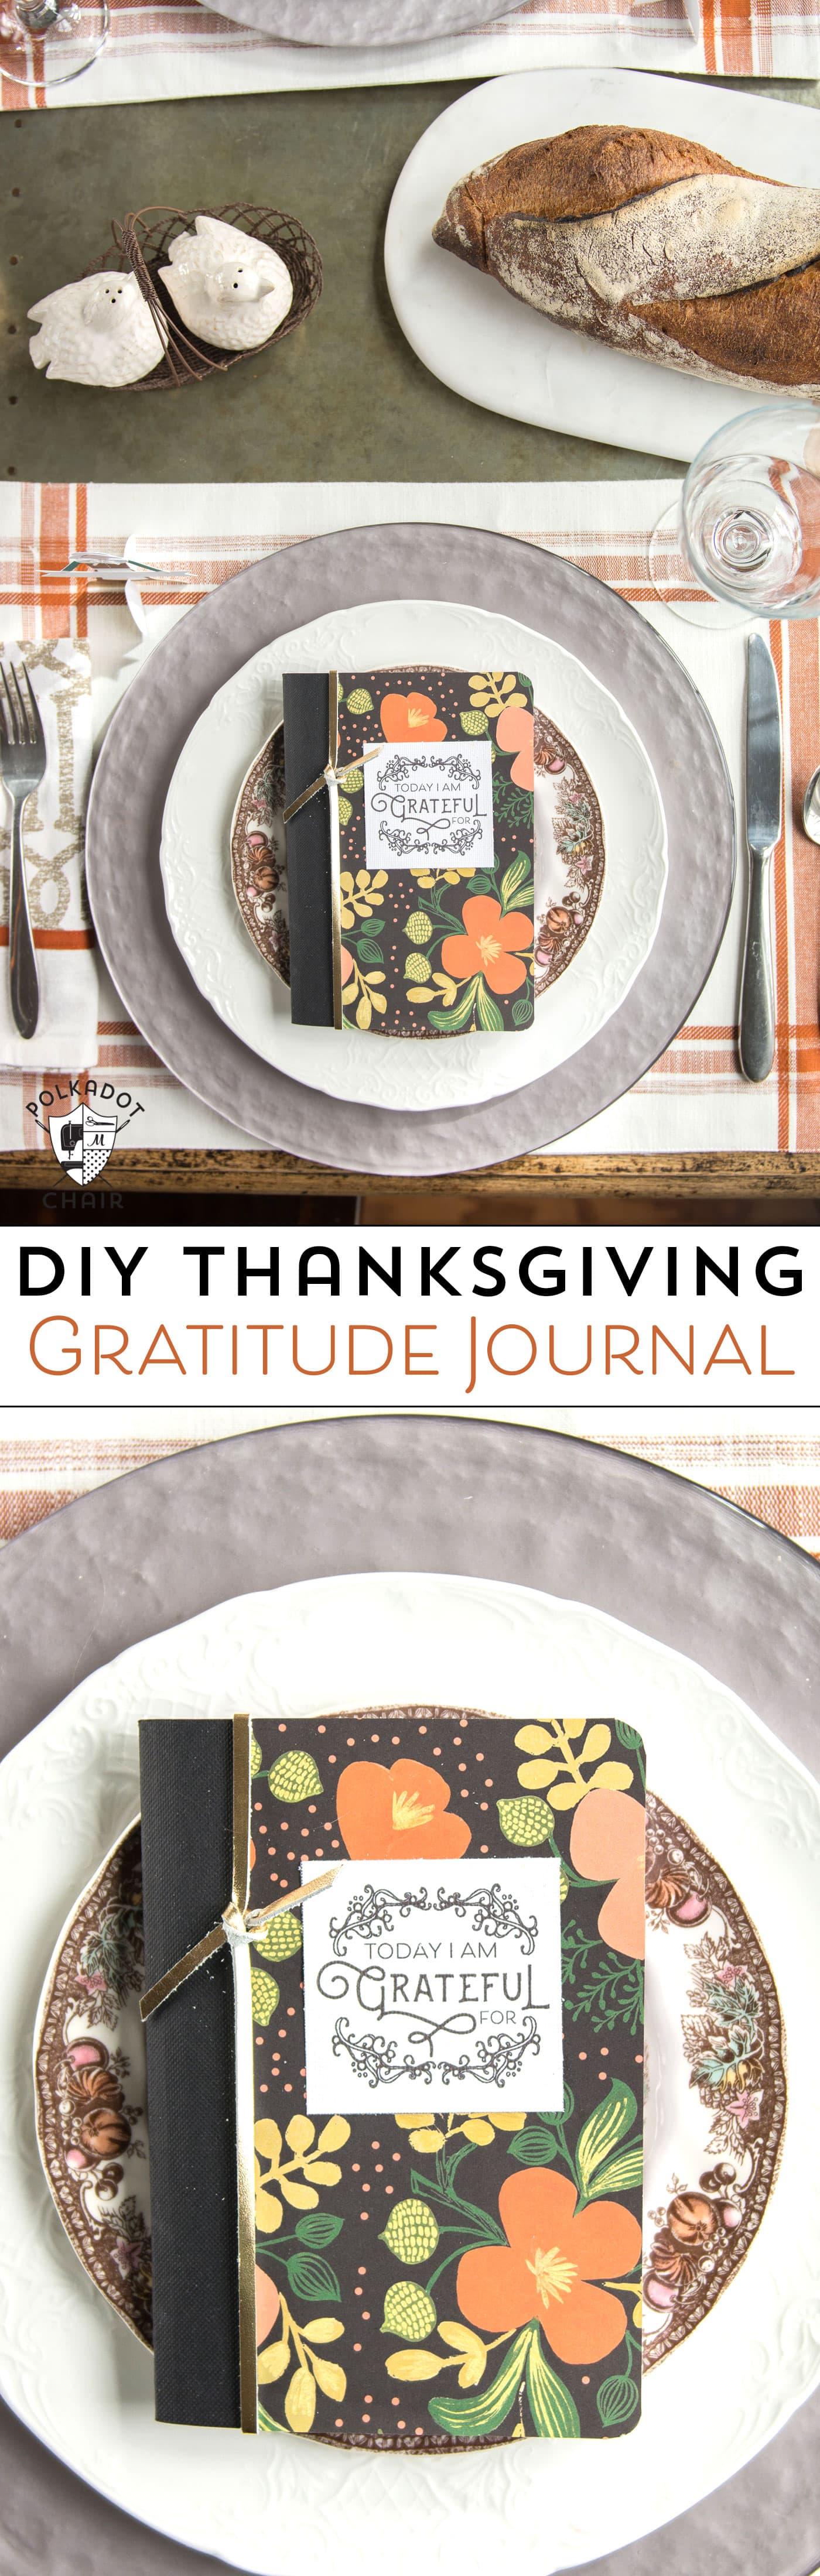 DIY Thanksgiving Gratitude Journal \u0026 Free Printable